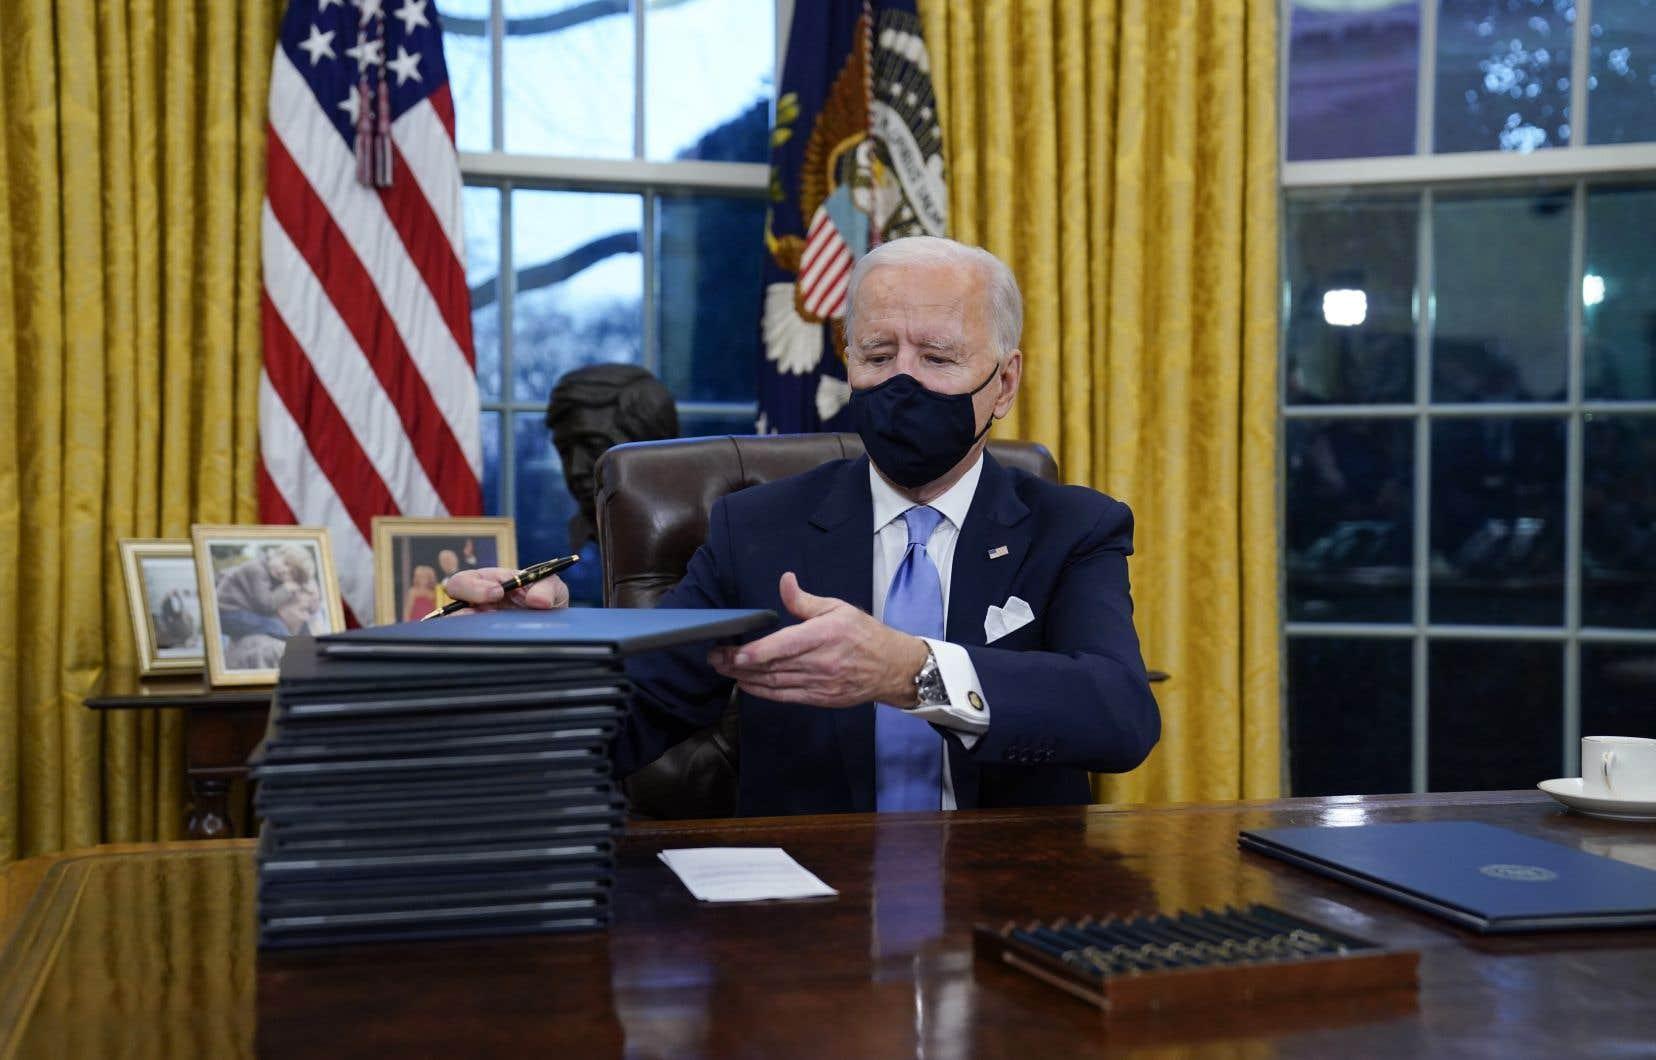 Dès jeudi, élus et observateurs républicains reprochaient à Joe Biden, qui a signé en trois jours une vingtaine de décrets, de gouverner comme un autocrate, sans consulter le Congrès et sans respecter sa promesse de se faire rassembleur.